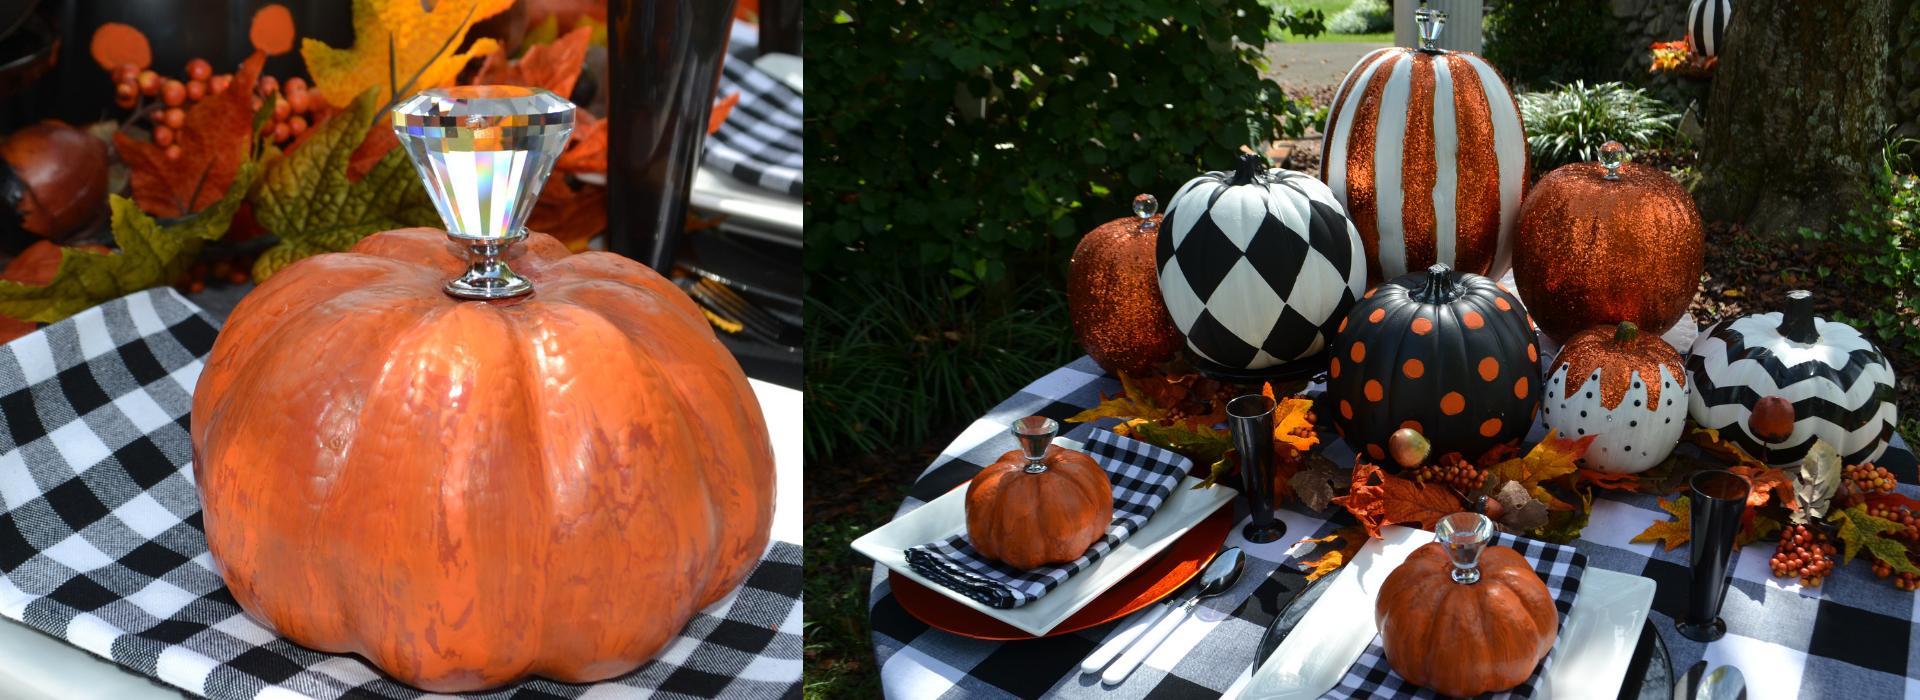 Slider- black and white pumpkin setting lizbushong.com